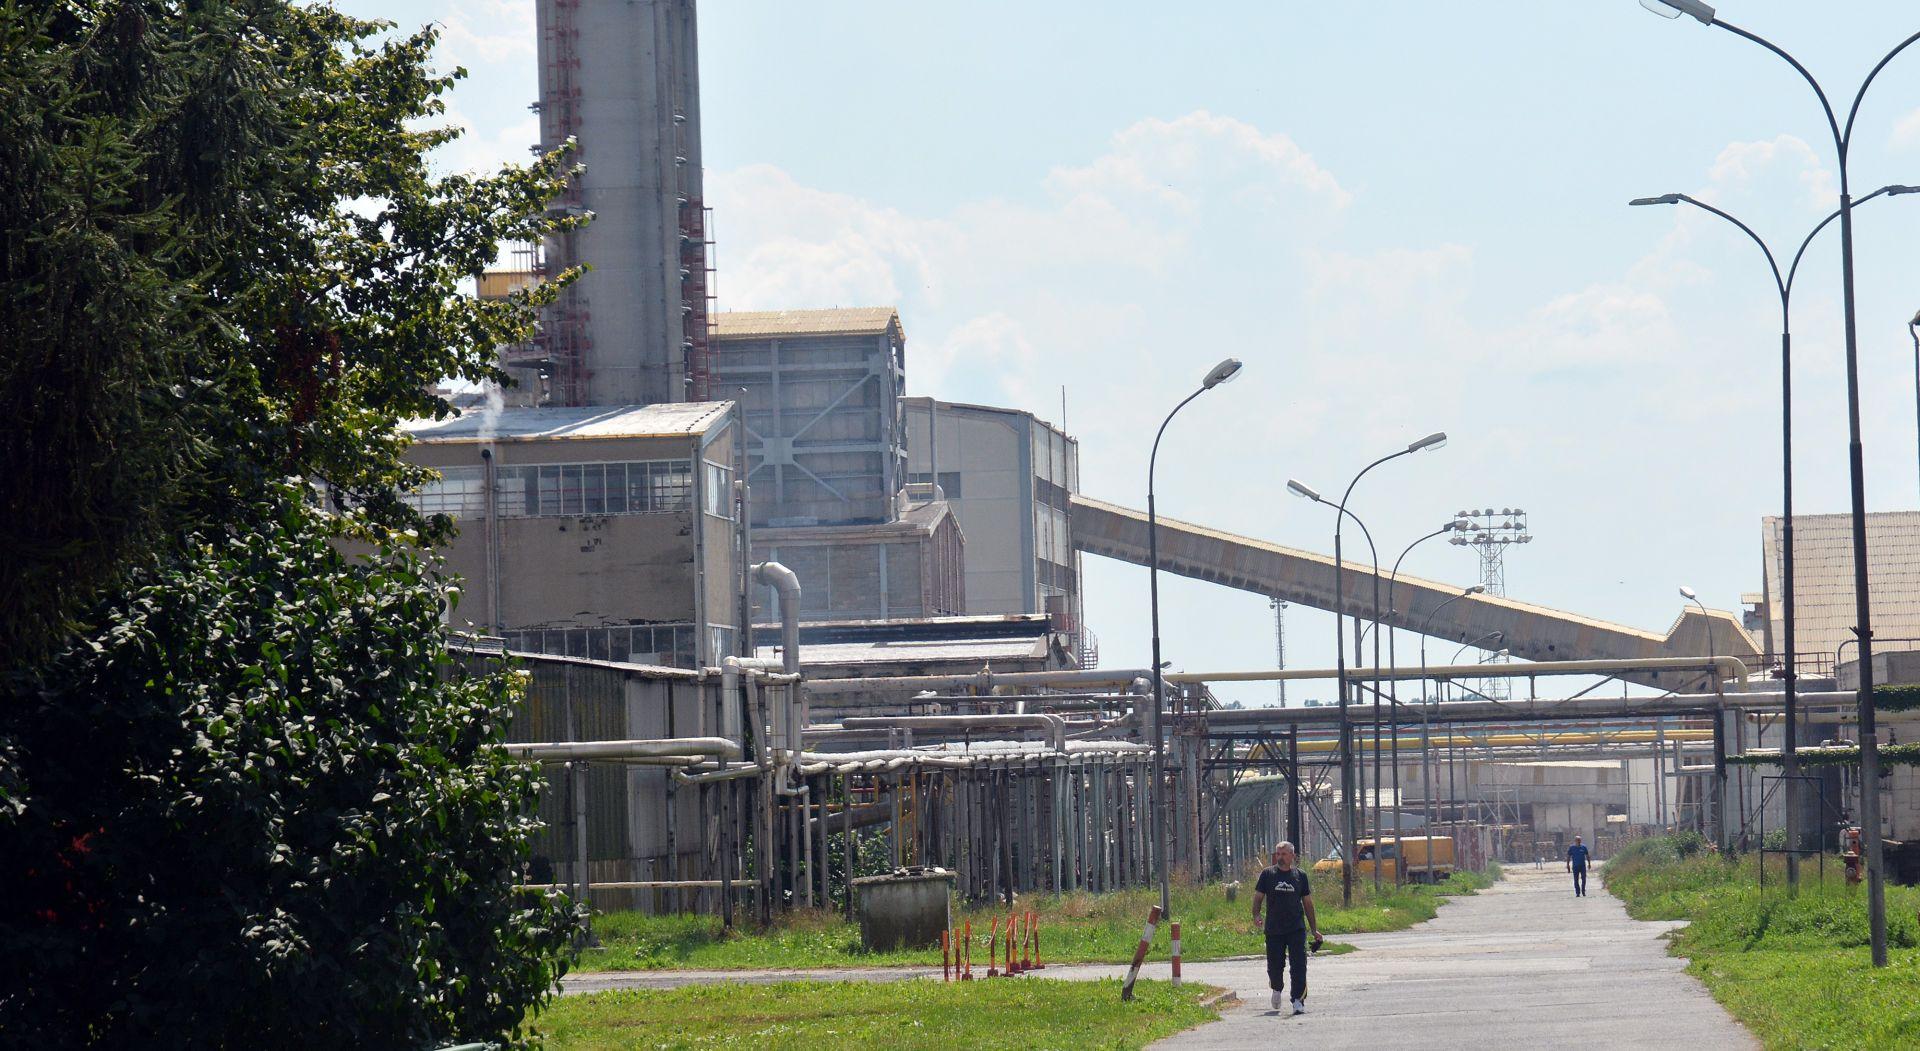 Petrokemija potpisala ugovor o kreditu HBOR-a od 200 milijuna kuna